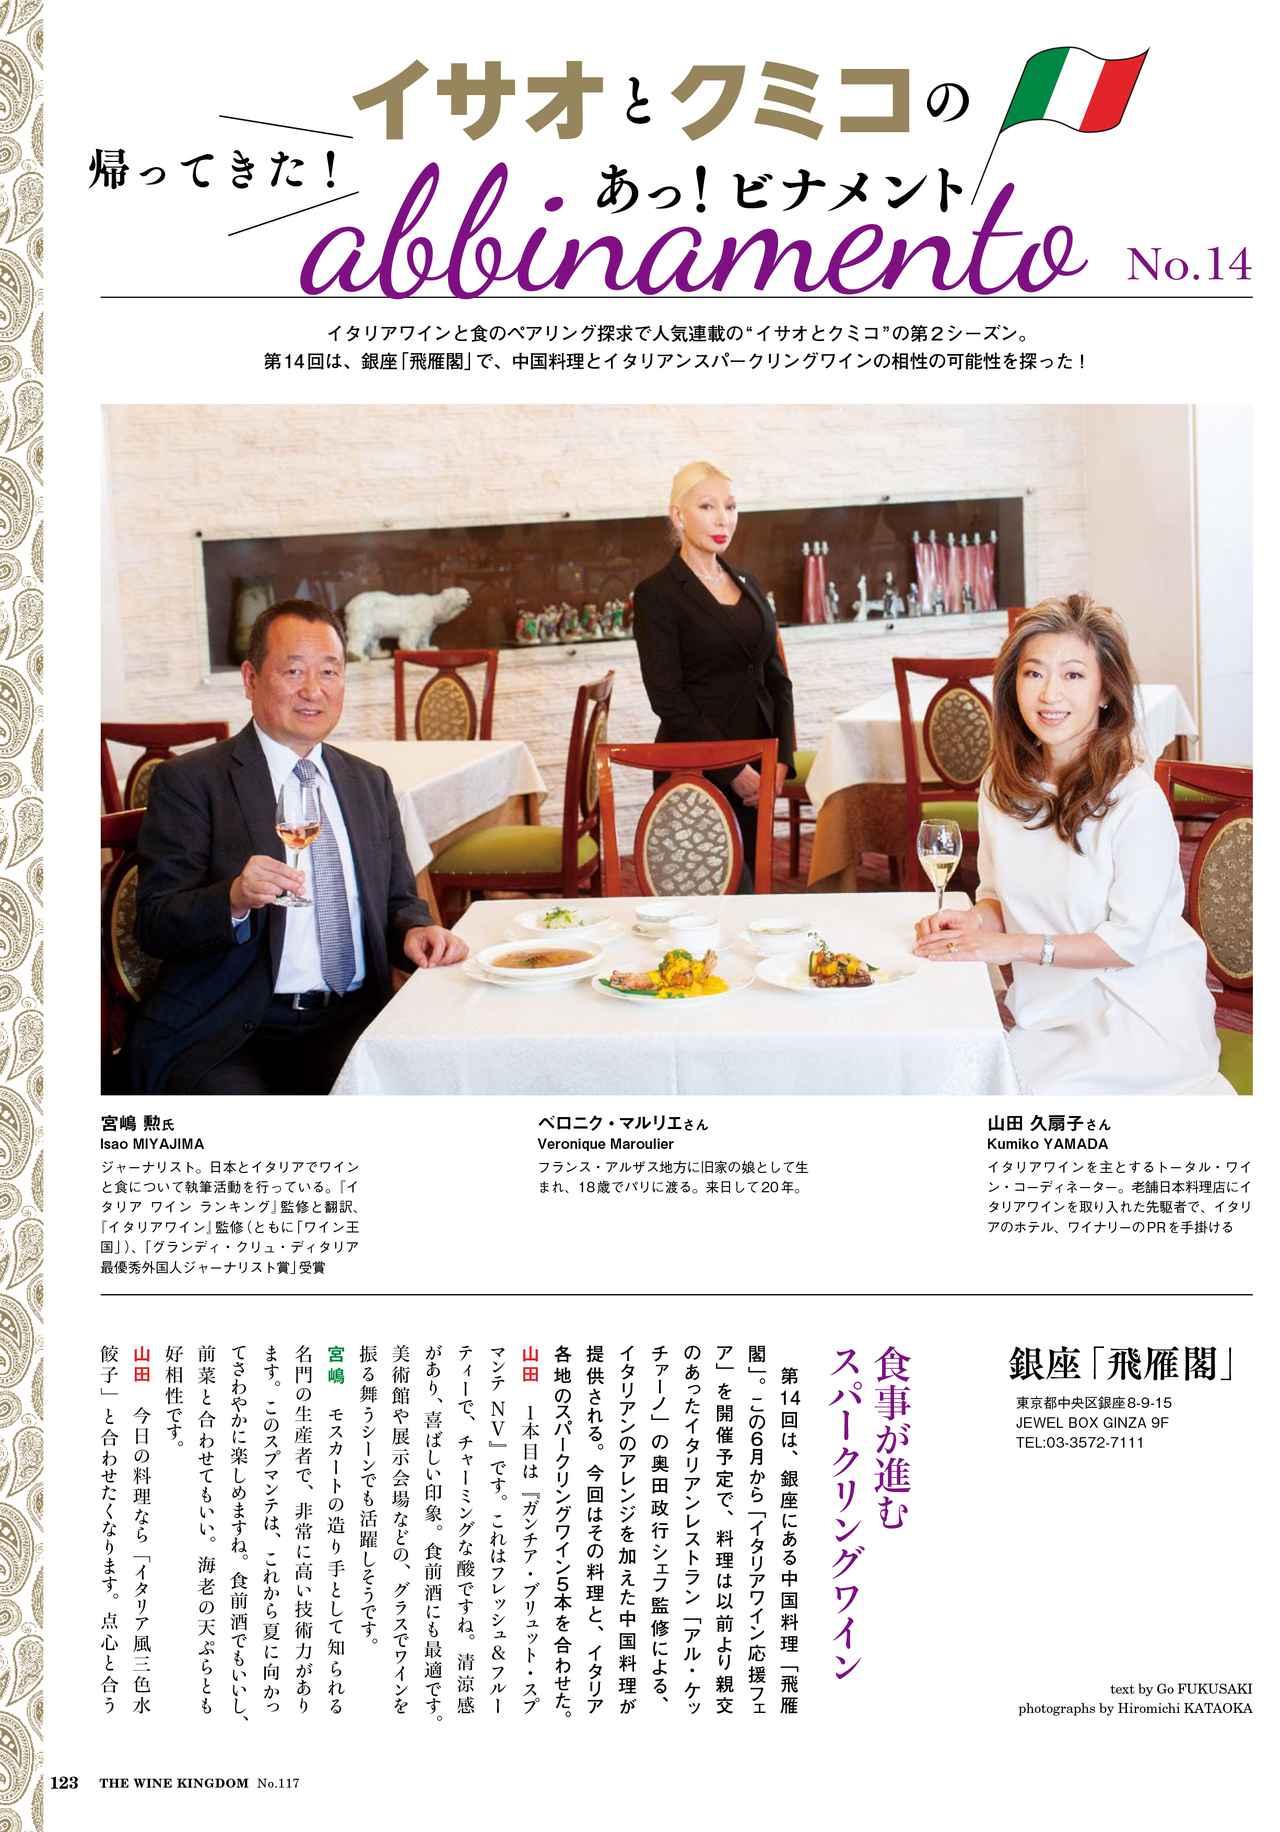 画像6: 『ワイン王国 117号』日本ワイン 注目のグラン・クリュを大特集/抽選で豪華商品もあり ラベルグランプリ開催